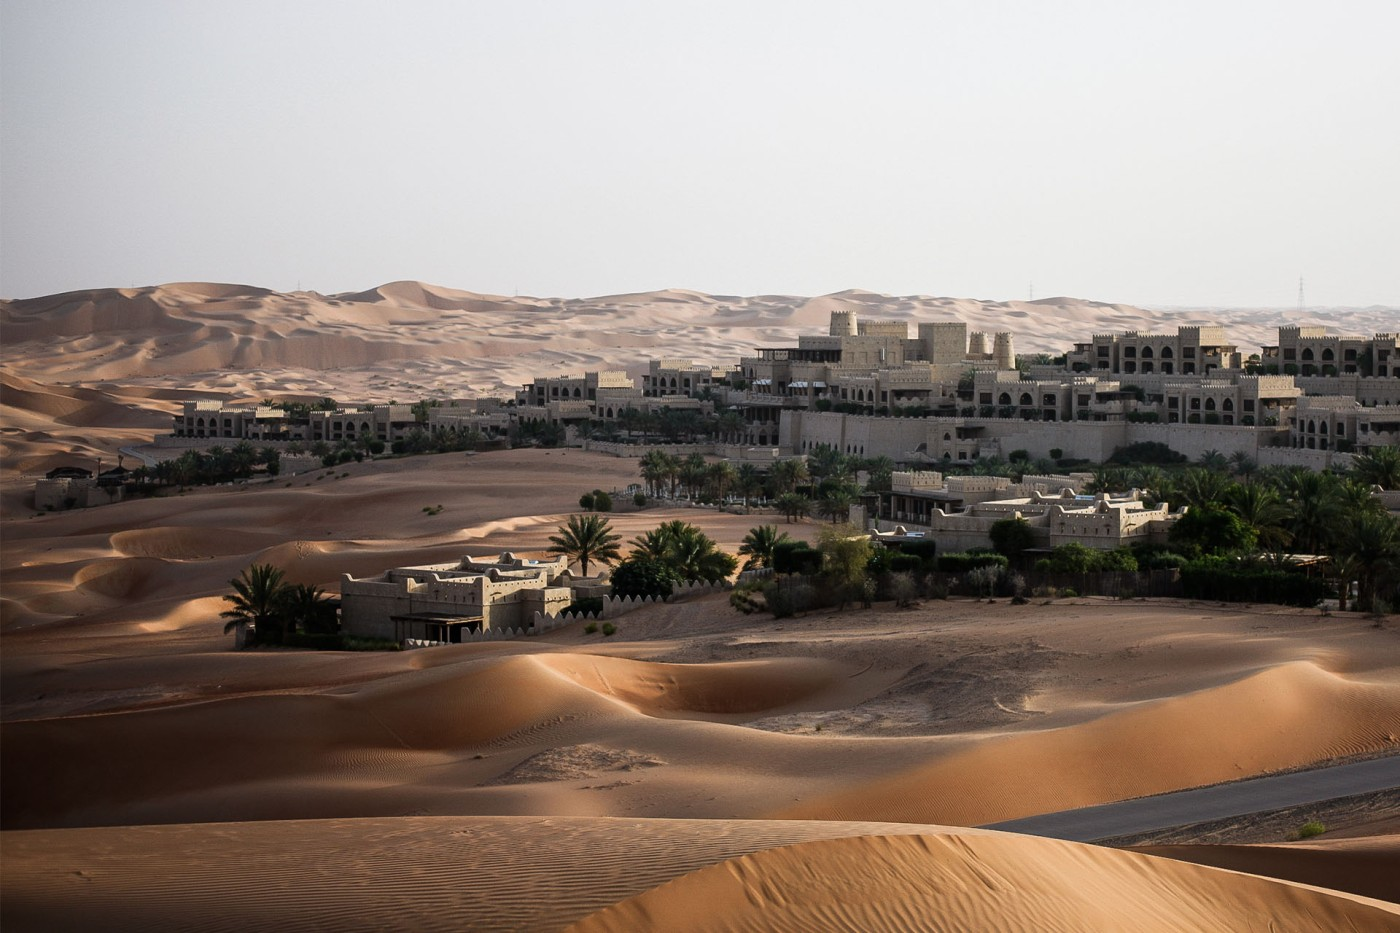 Qasr Al Sarab anantara, Liwa Desert